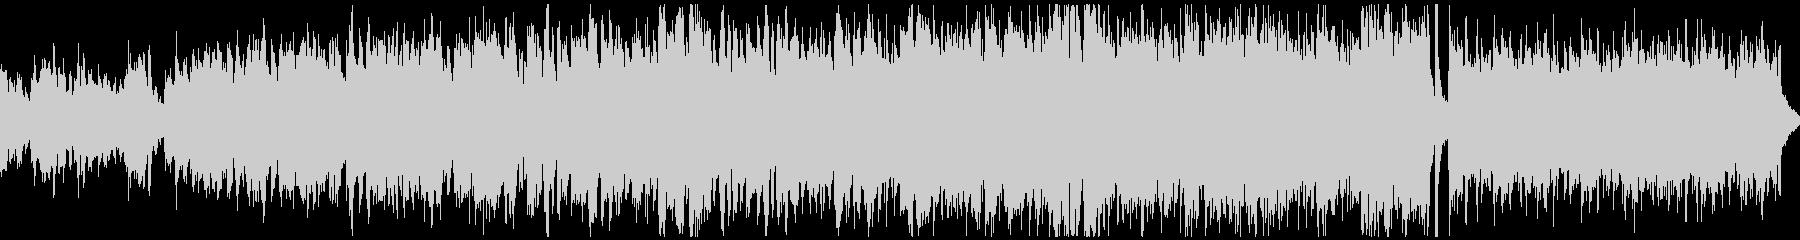 疾走感のあるケルト曲(ループ)の未再生の波形